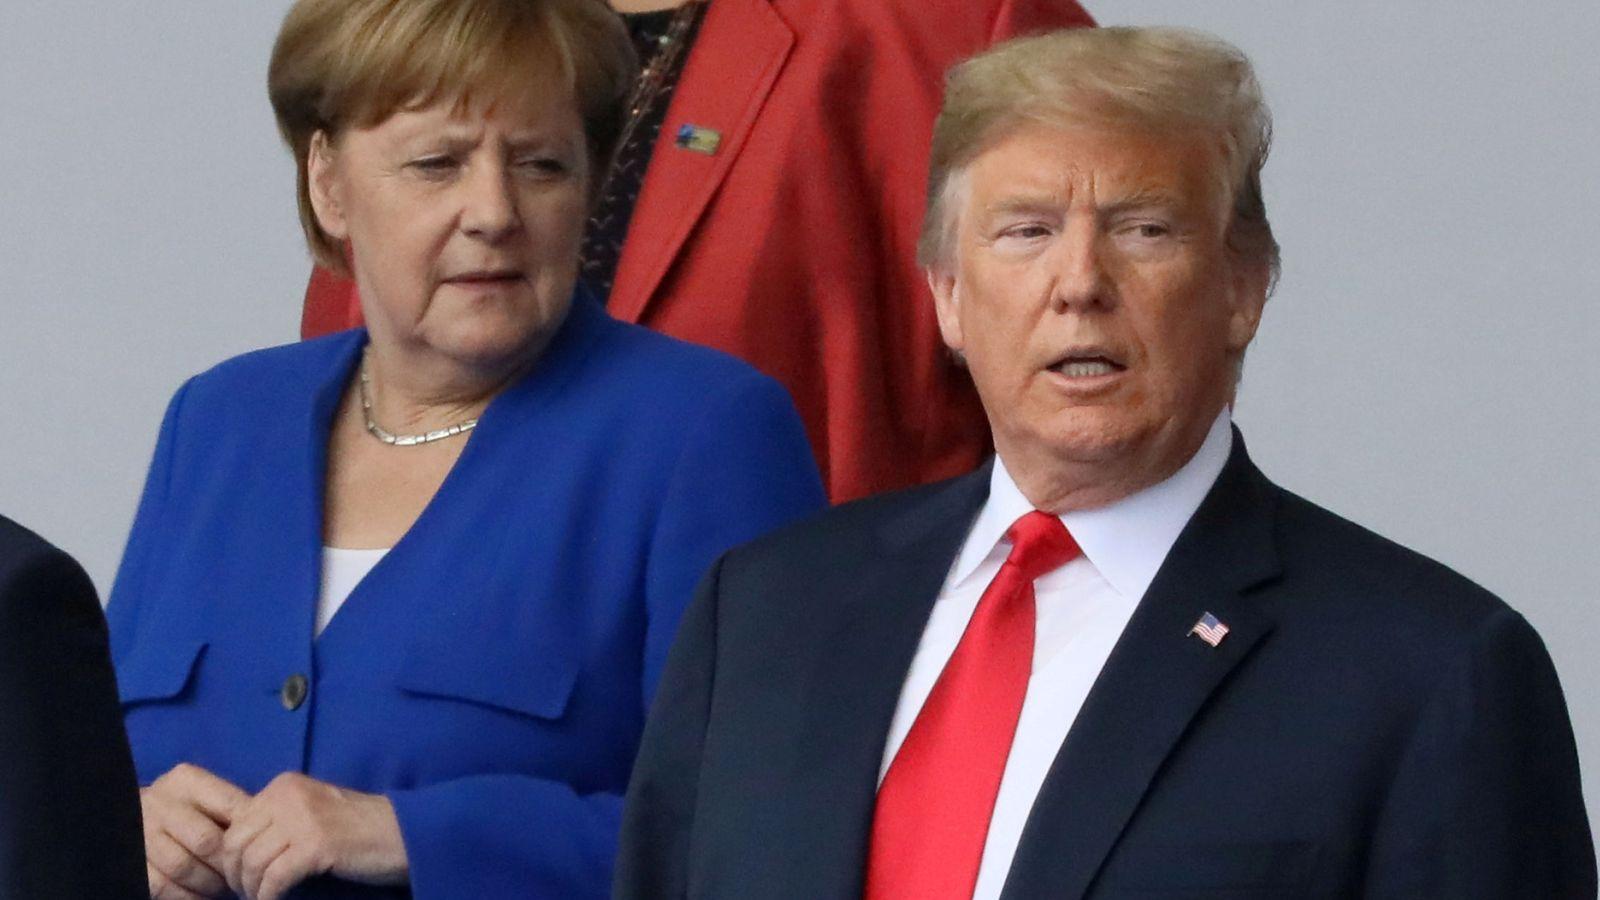 Foto: Merkel observa a Trump durante la cumbre de la OTAN que se celebró el pasado julio. (Reuters)